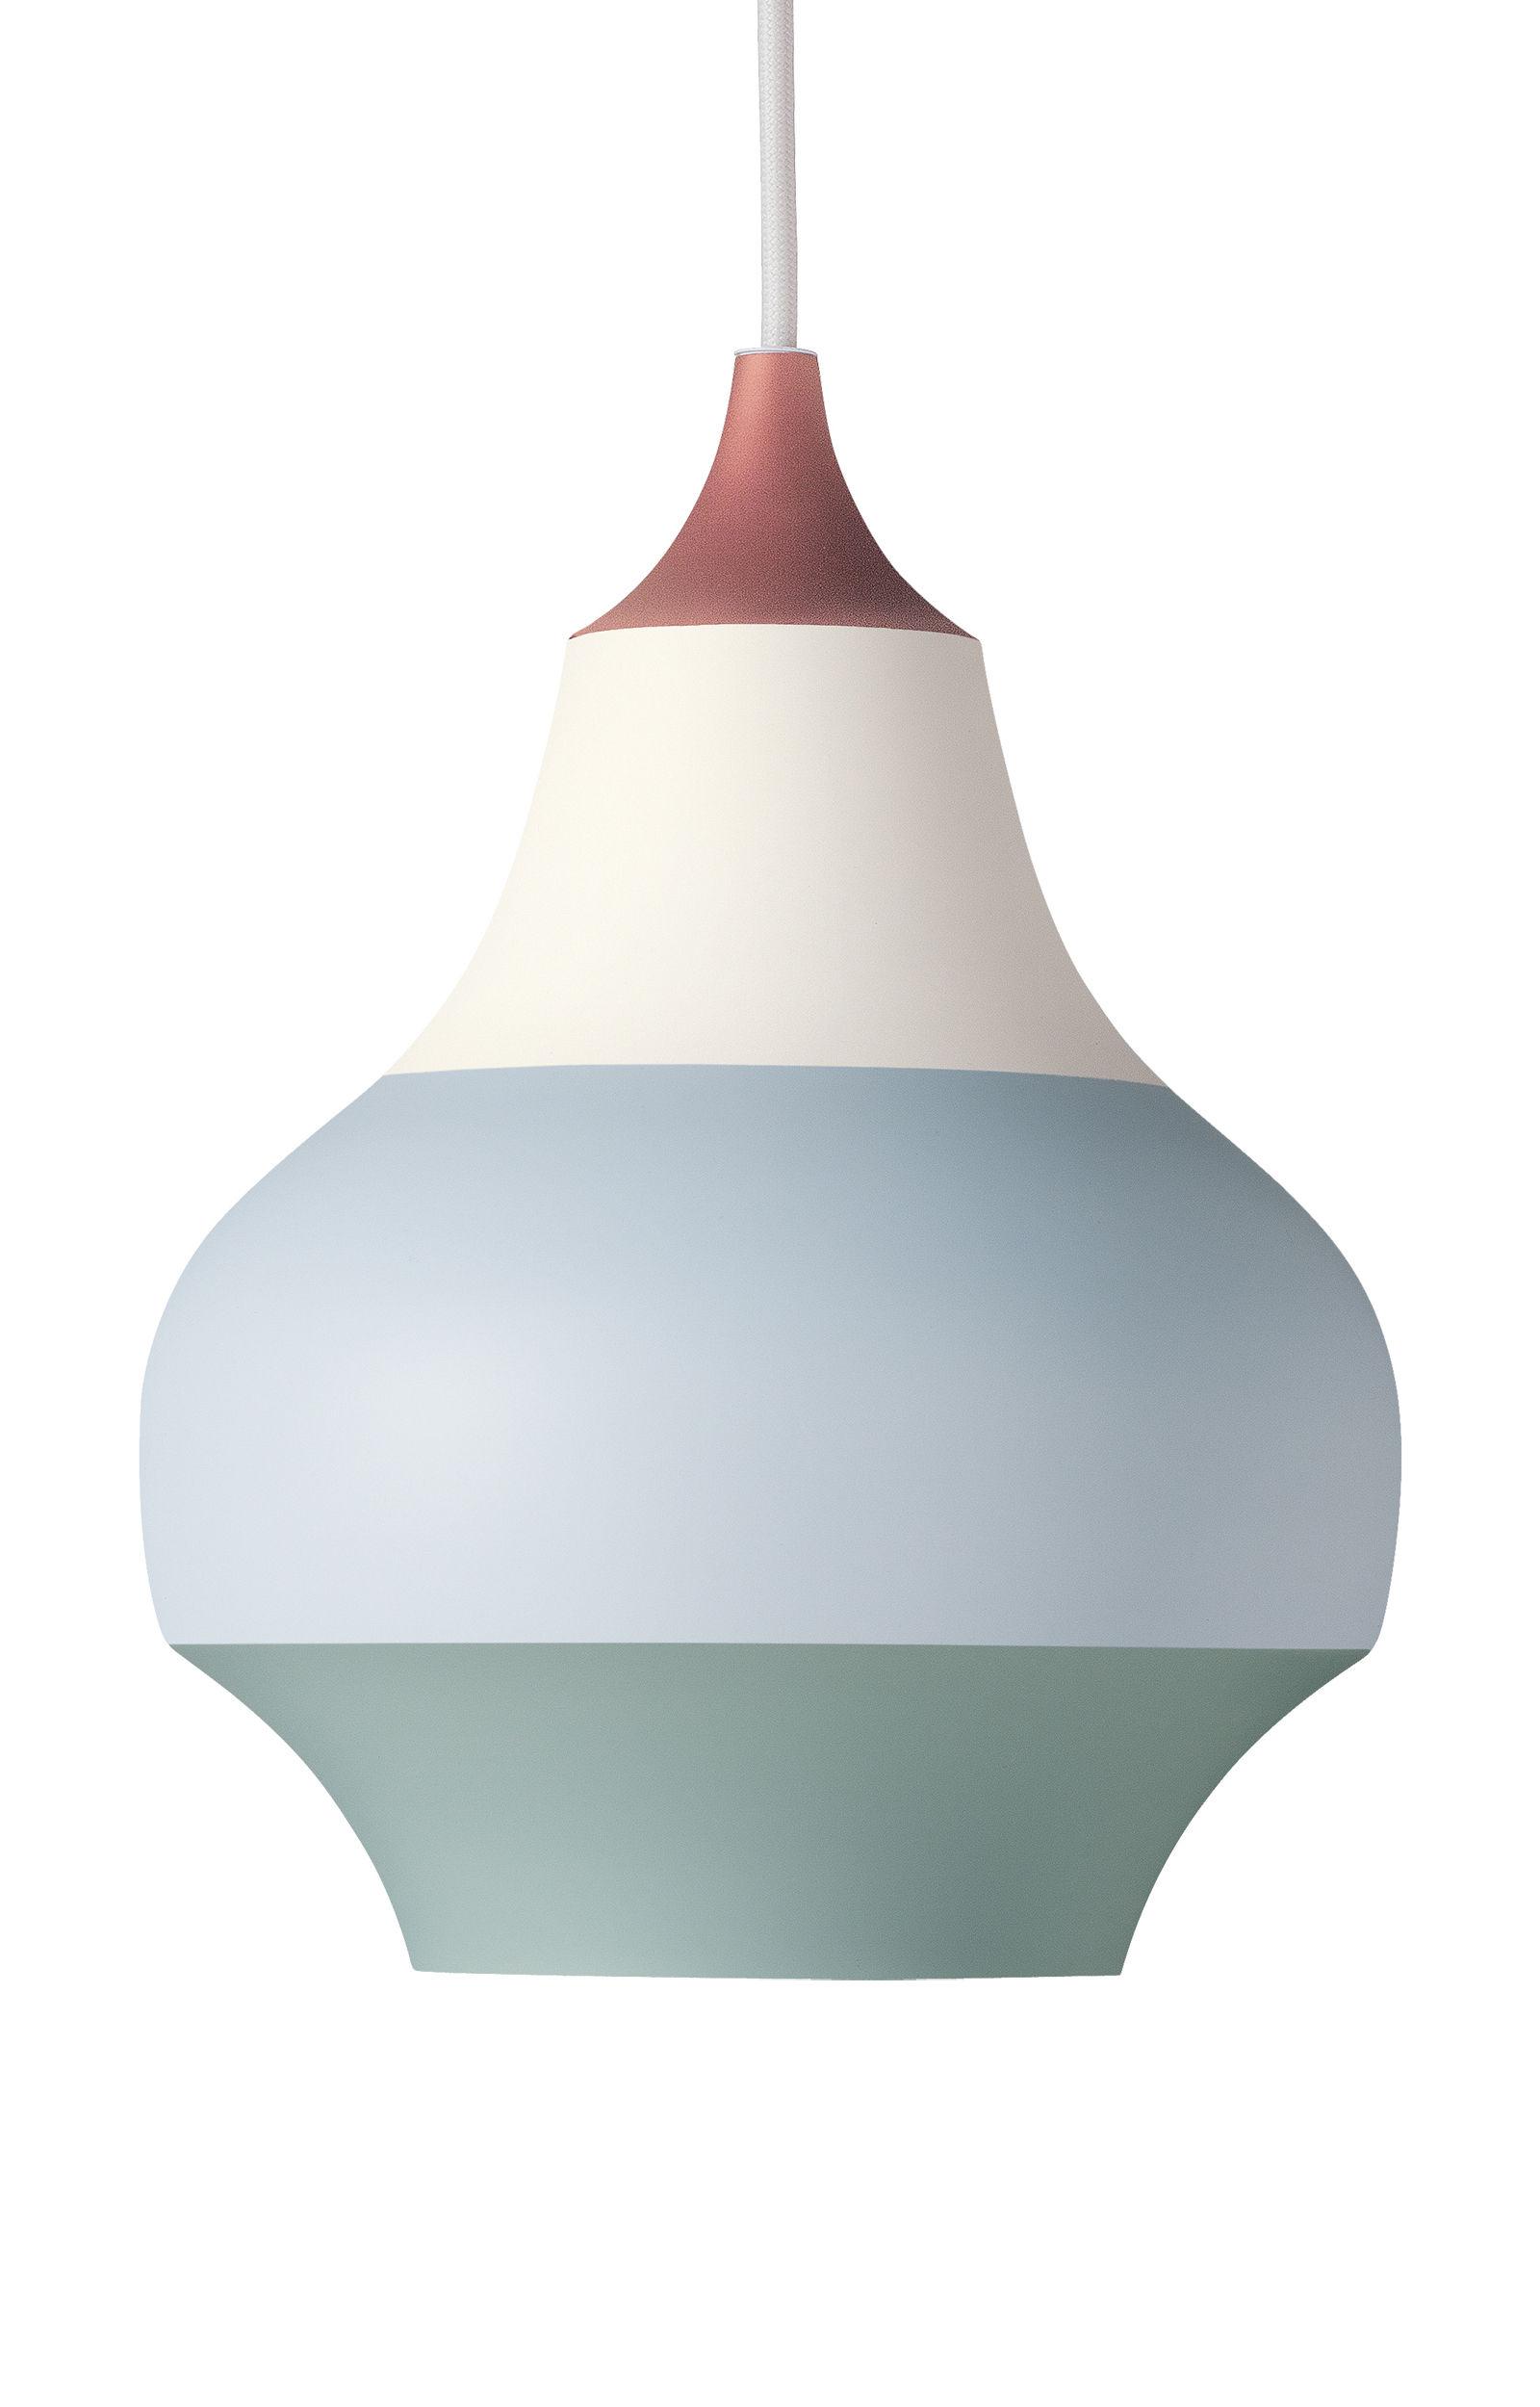 Lighting - Pendant Lighting - Cirque Pendant - Ø 15 x H 19 cm / Aluminium by Louis Poulsen - Copper bottom / Multicolored - Painted aluminium